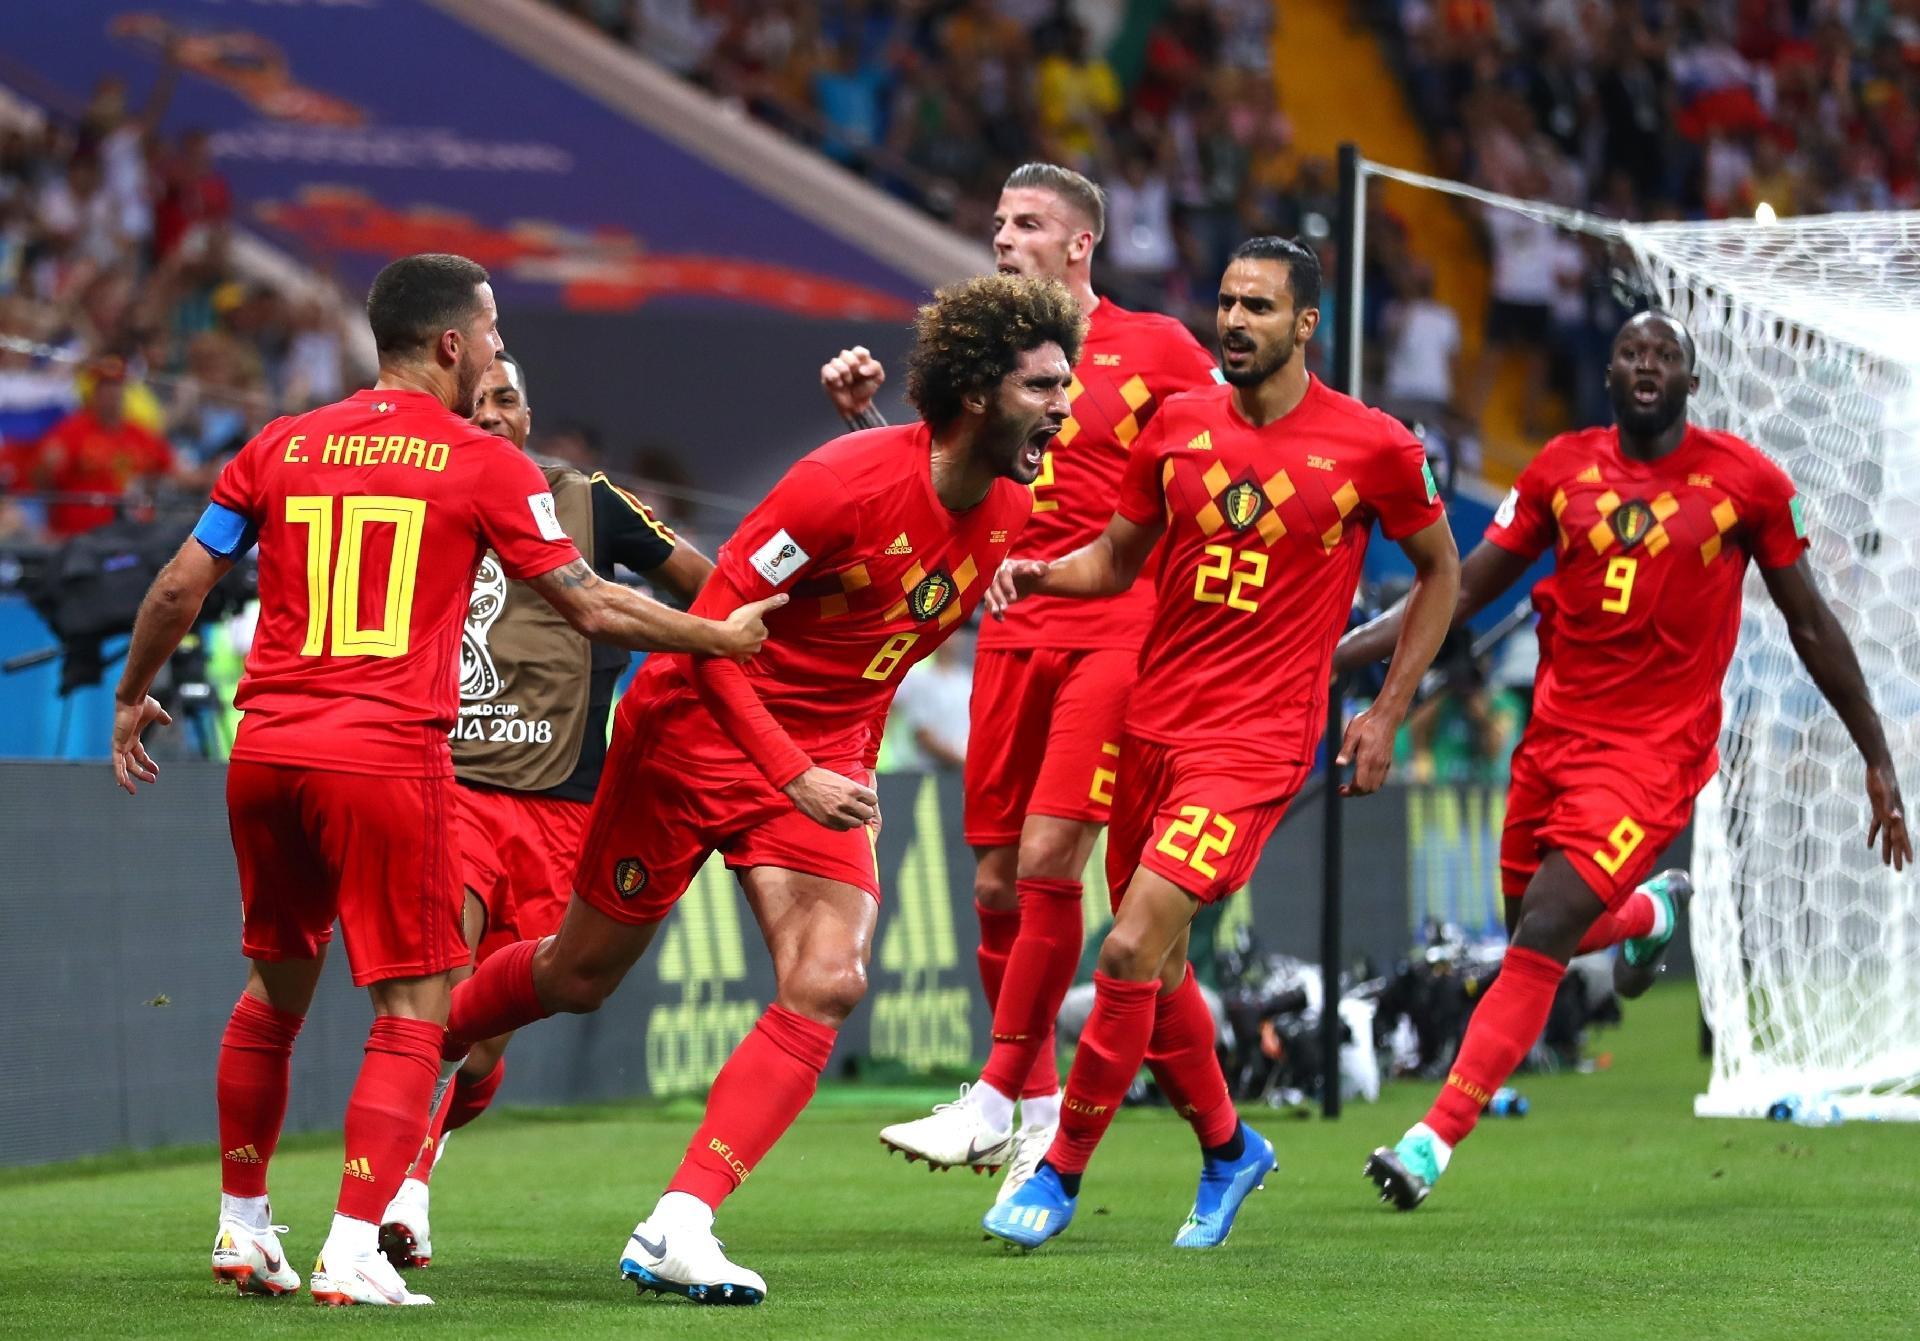 Copa do Mundo 2018  Bélgica consegue virada impressionante contra Japão e  enfrentará Brasil - UOL Copa do Mundo 2018 7555dd89e076e